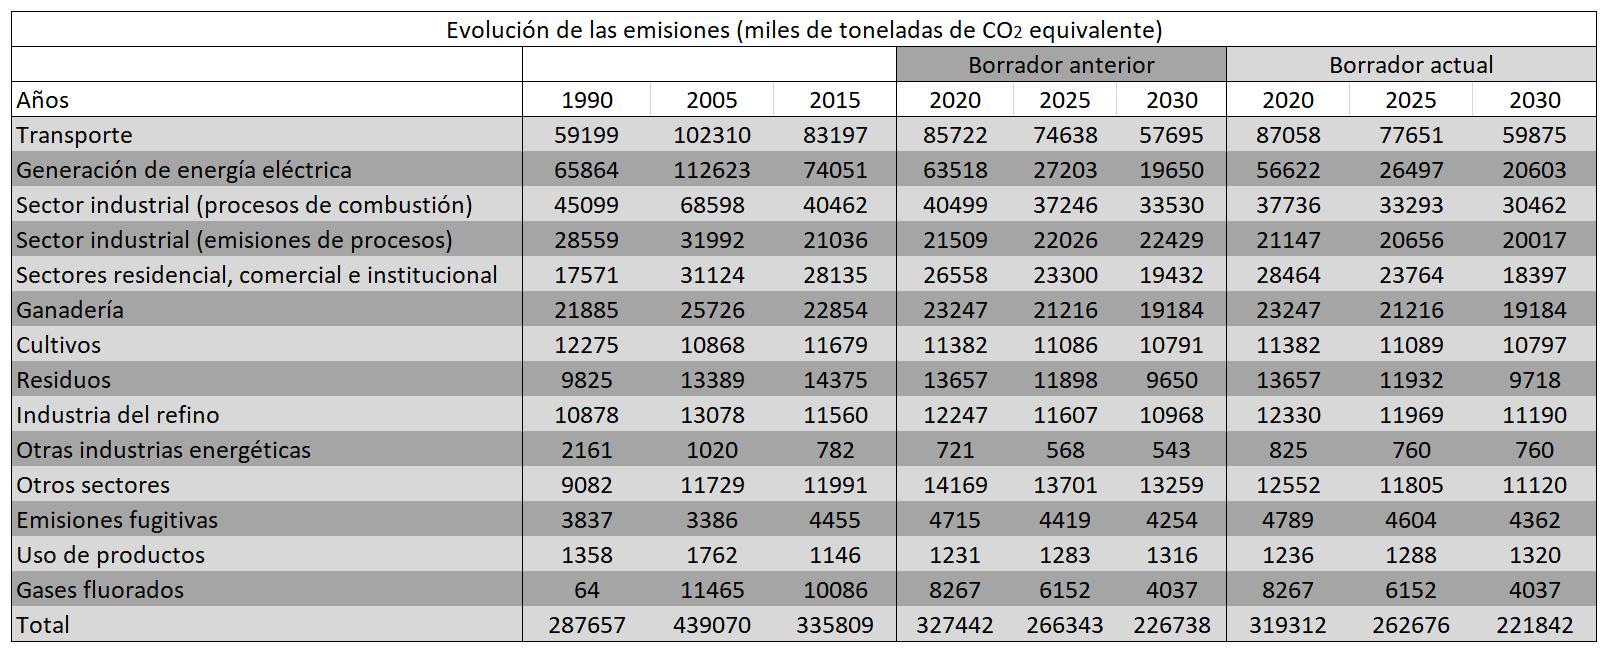 AleaSoft - Evolución de las emisiones (miles de toneladas de CO2 equivalente)